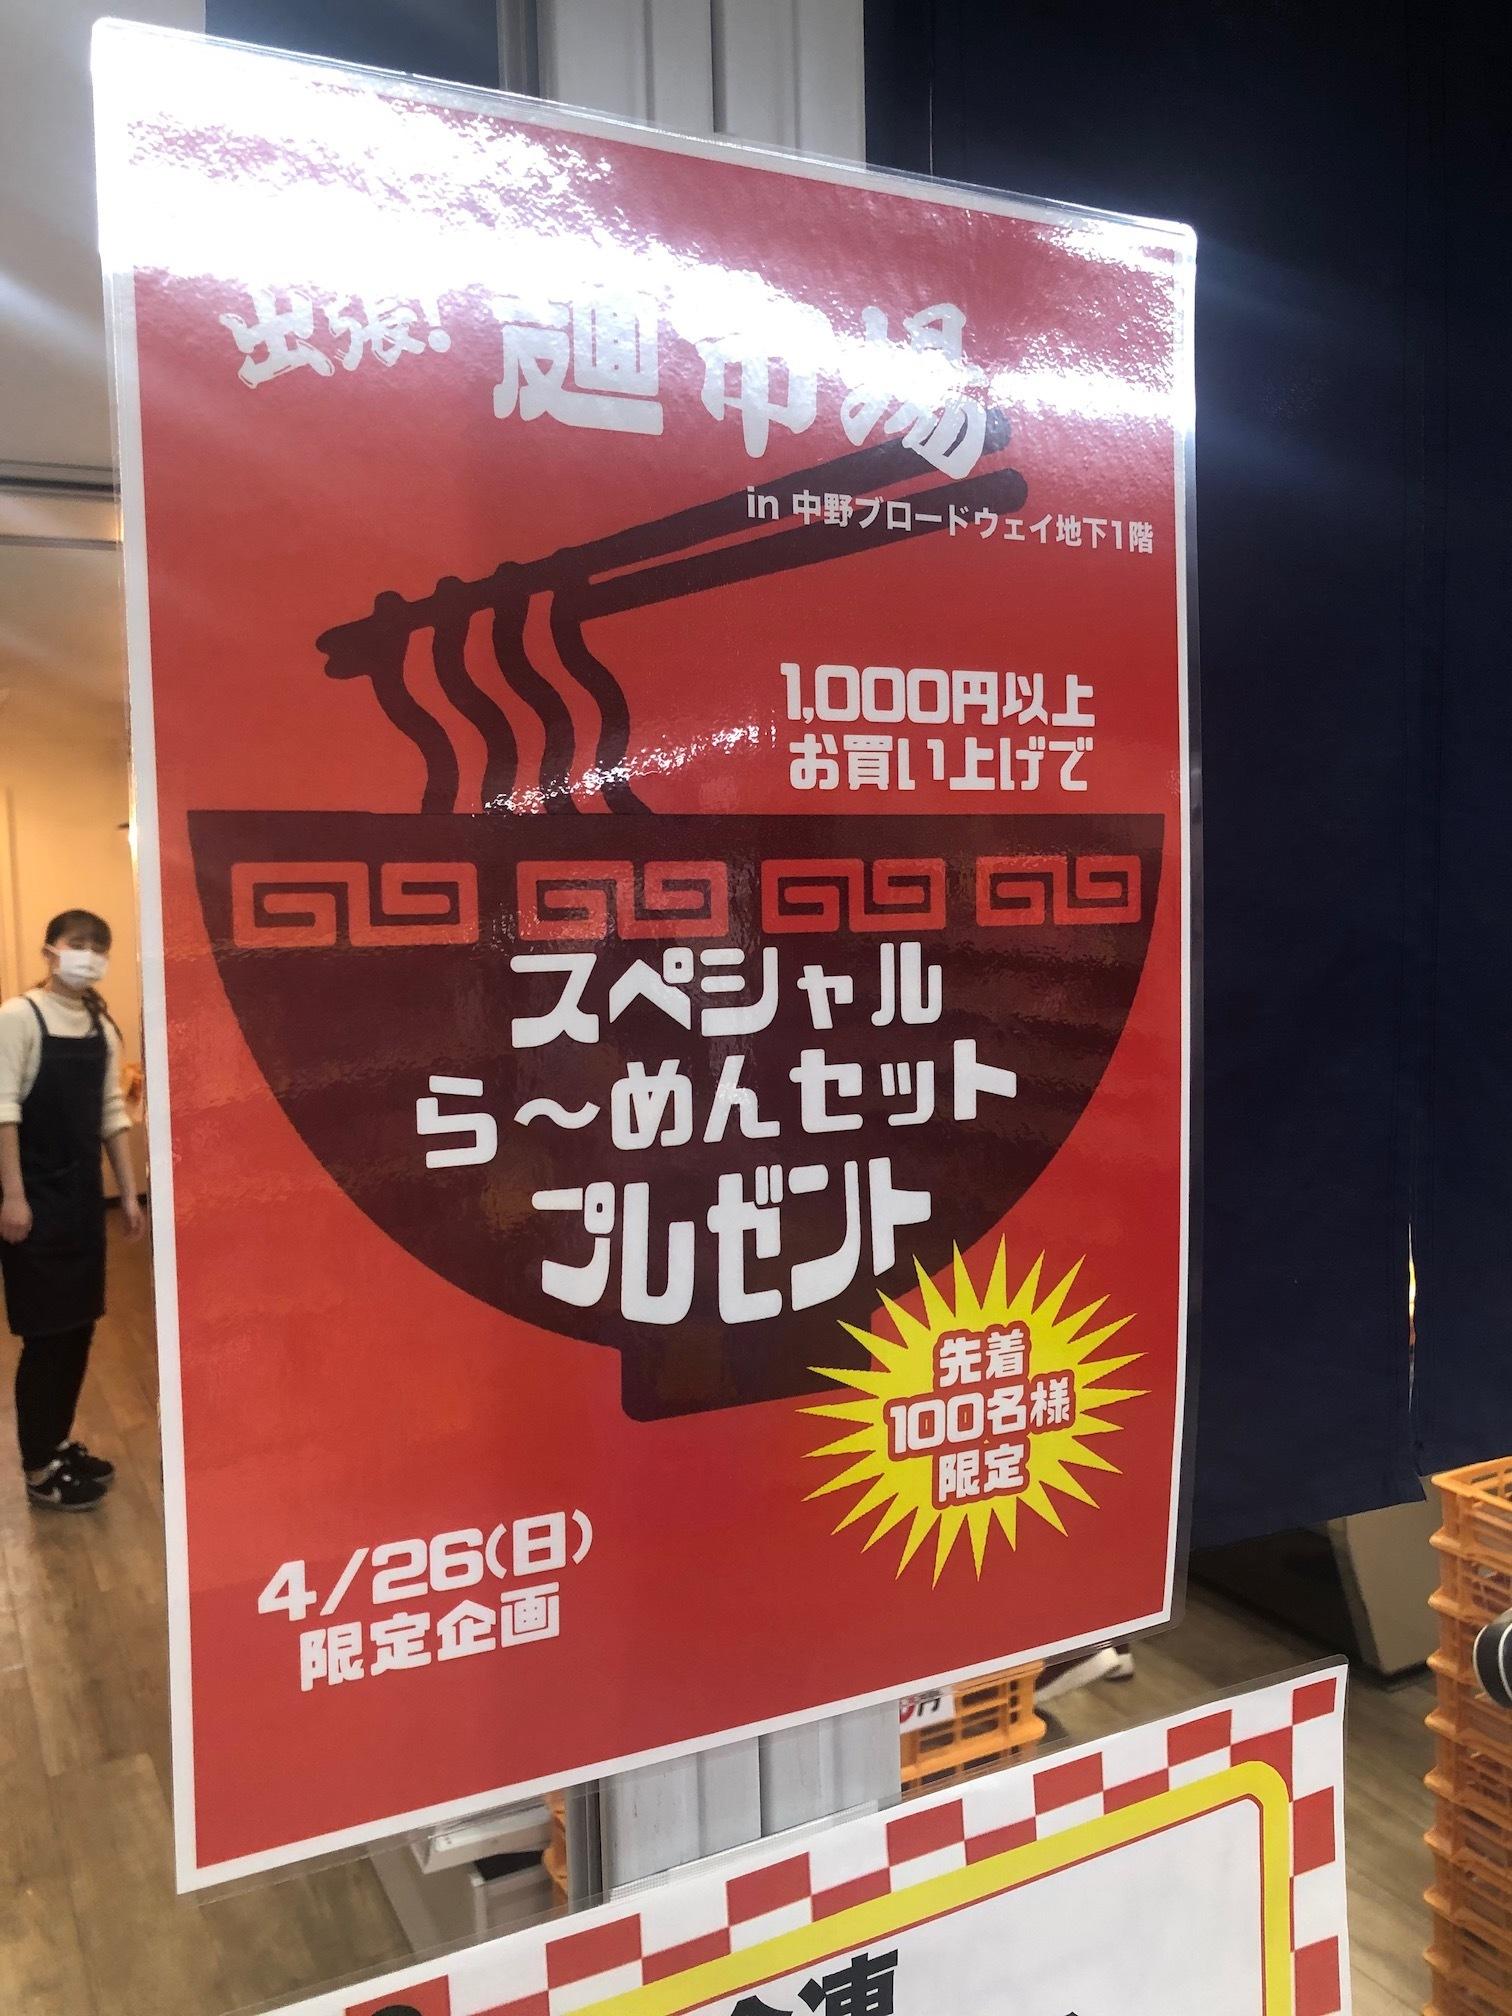 麺テイスティング・カフェショップ MENSTA特典